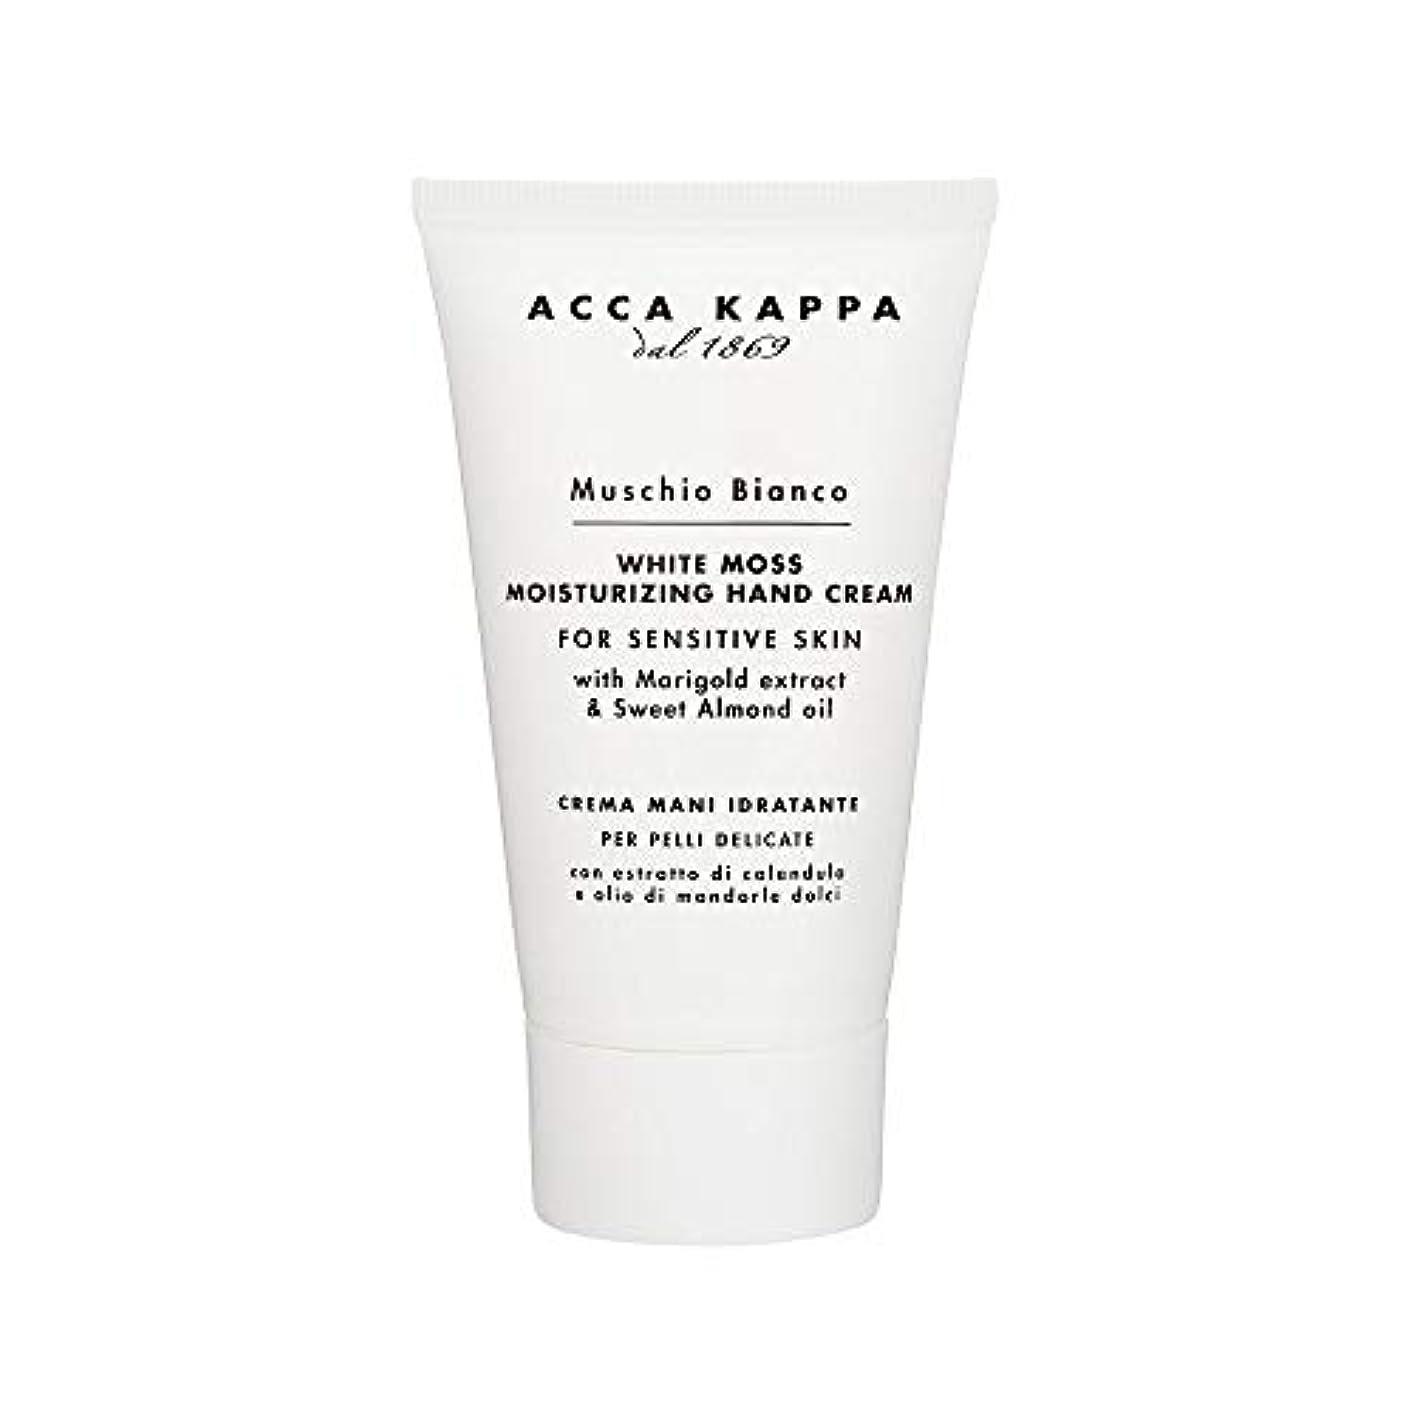 放置分析する季節acca kappa ホワイトモスハンドクリーム 75ml [801208] [並行輸入品]